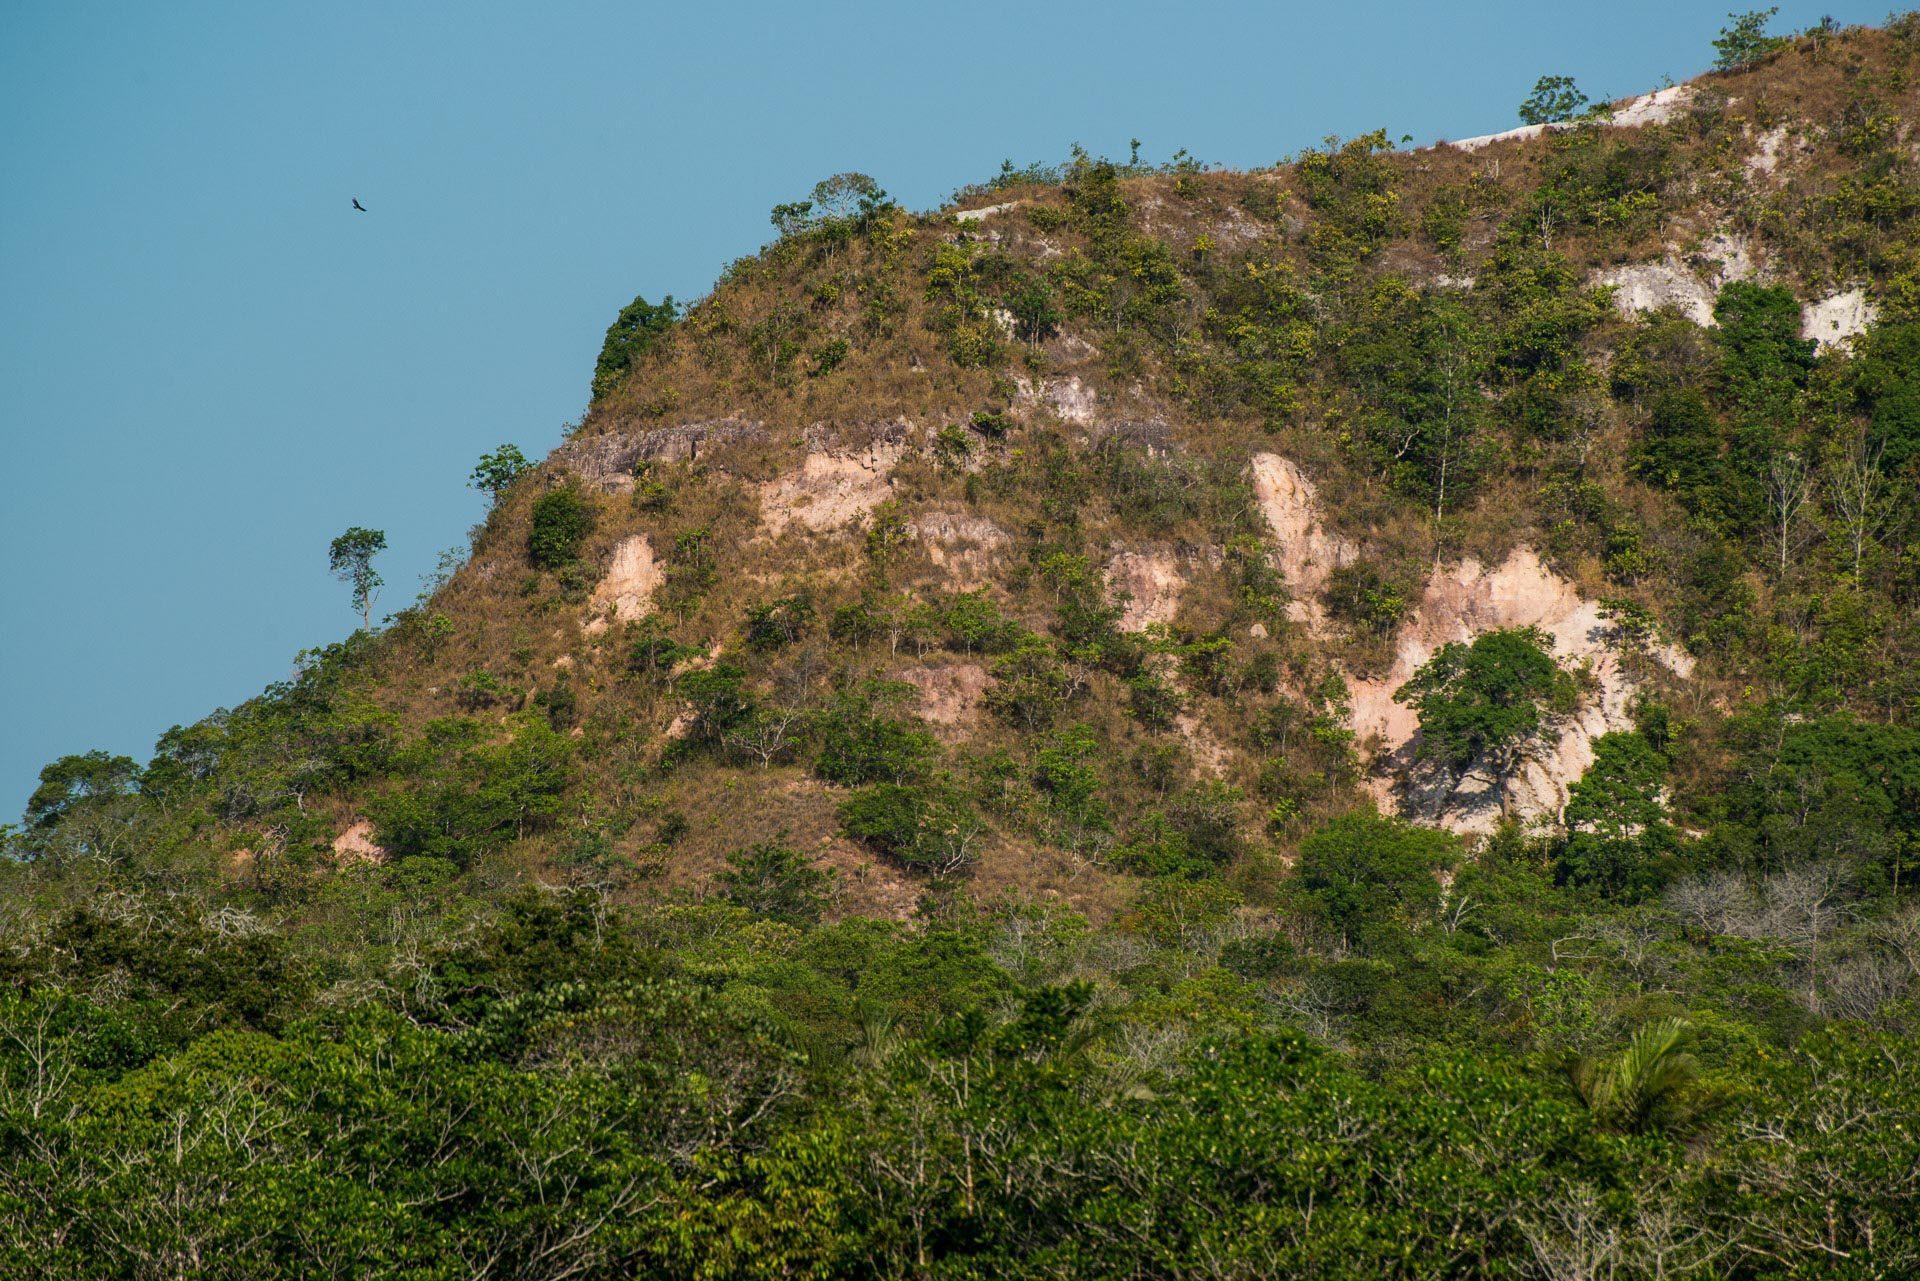 Serra da Piroca